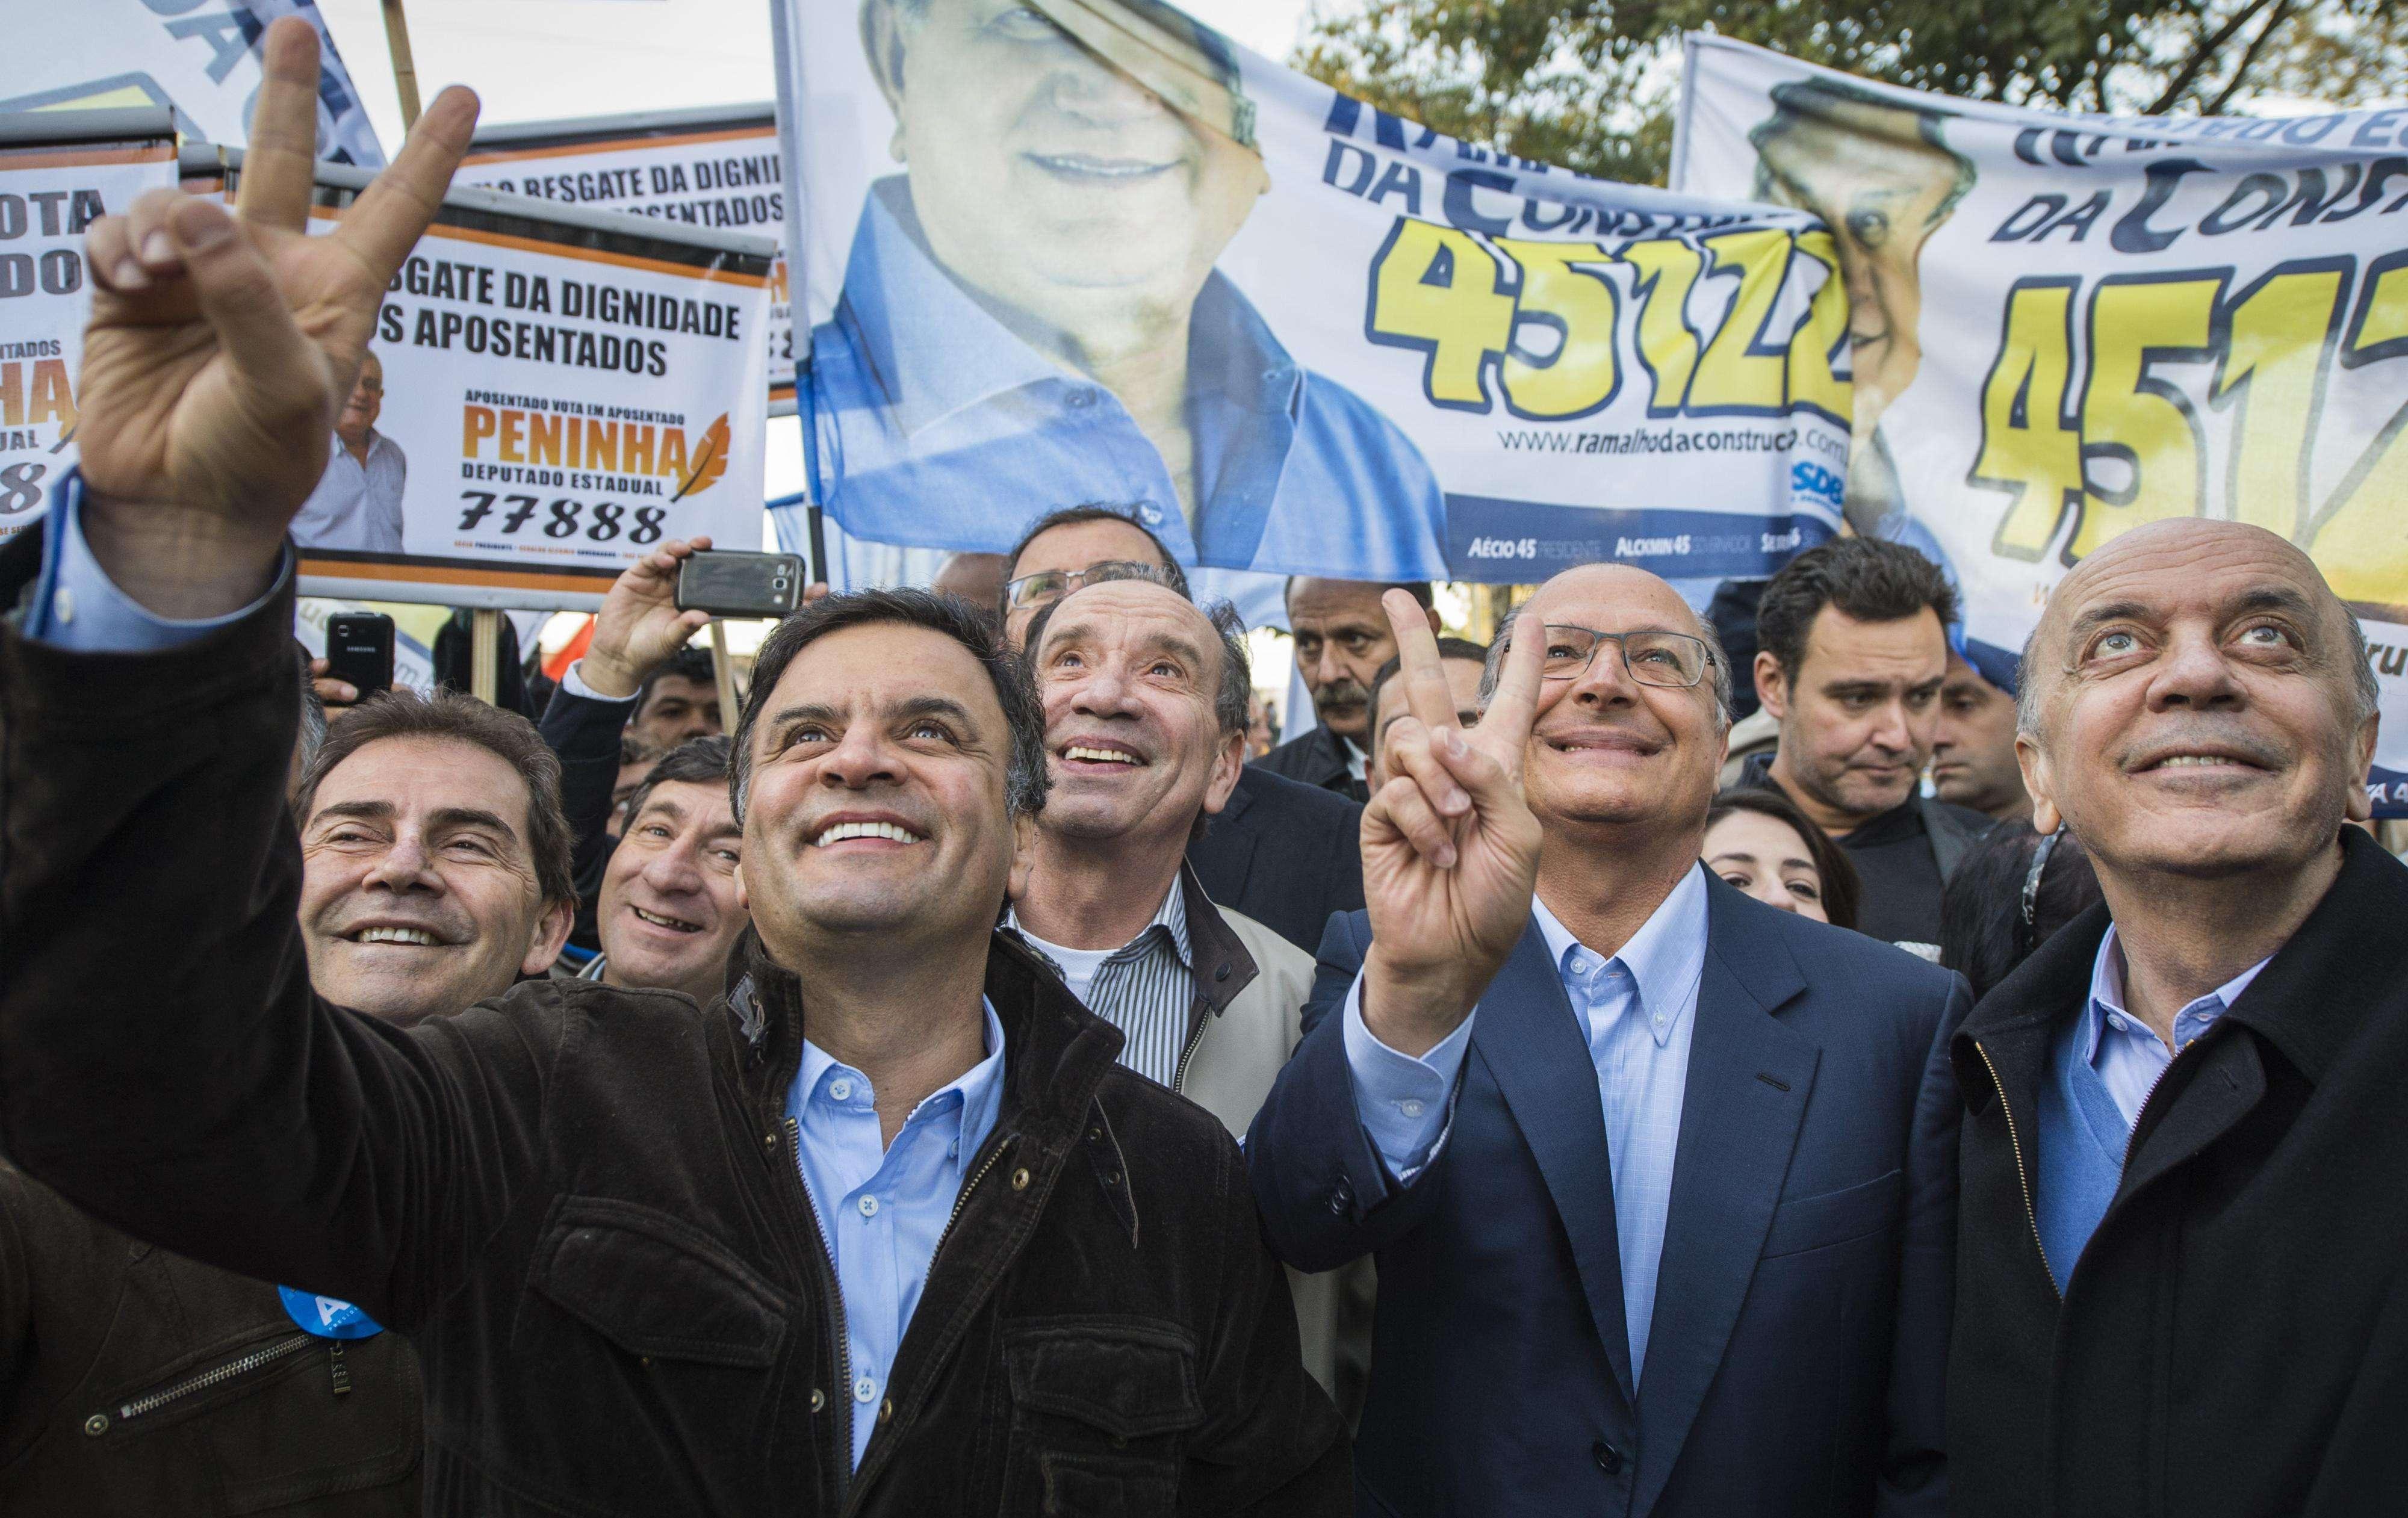 O vice de Aécio Aloísio Nunes, também estava presente, além de candidatos a deputado federal e estadual Foto: Bruno Santos/Terra